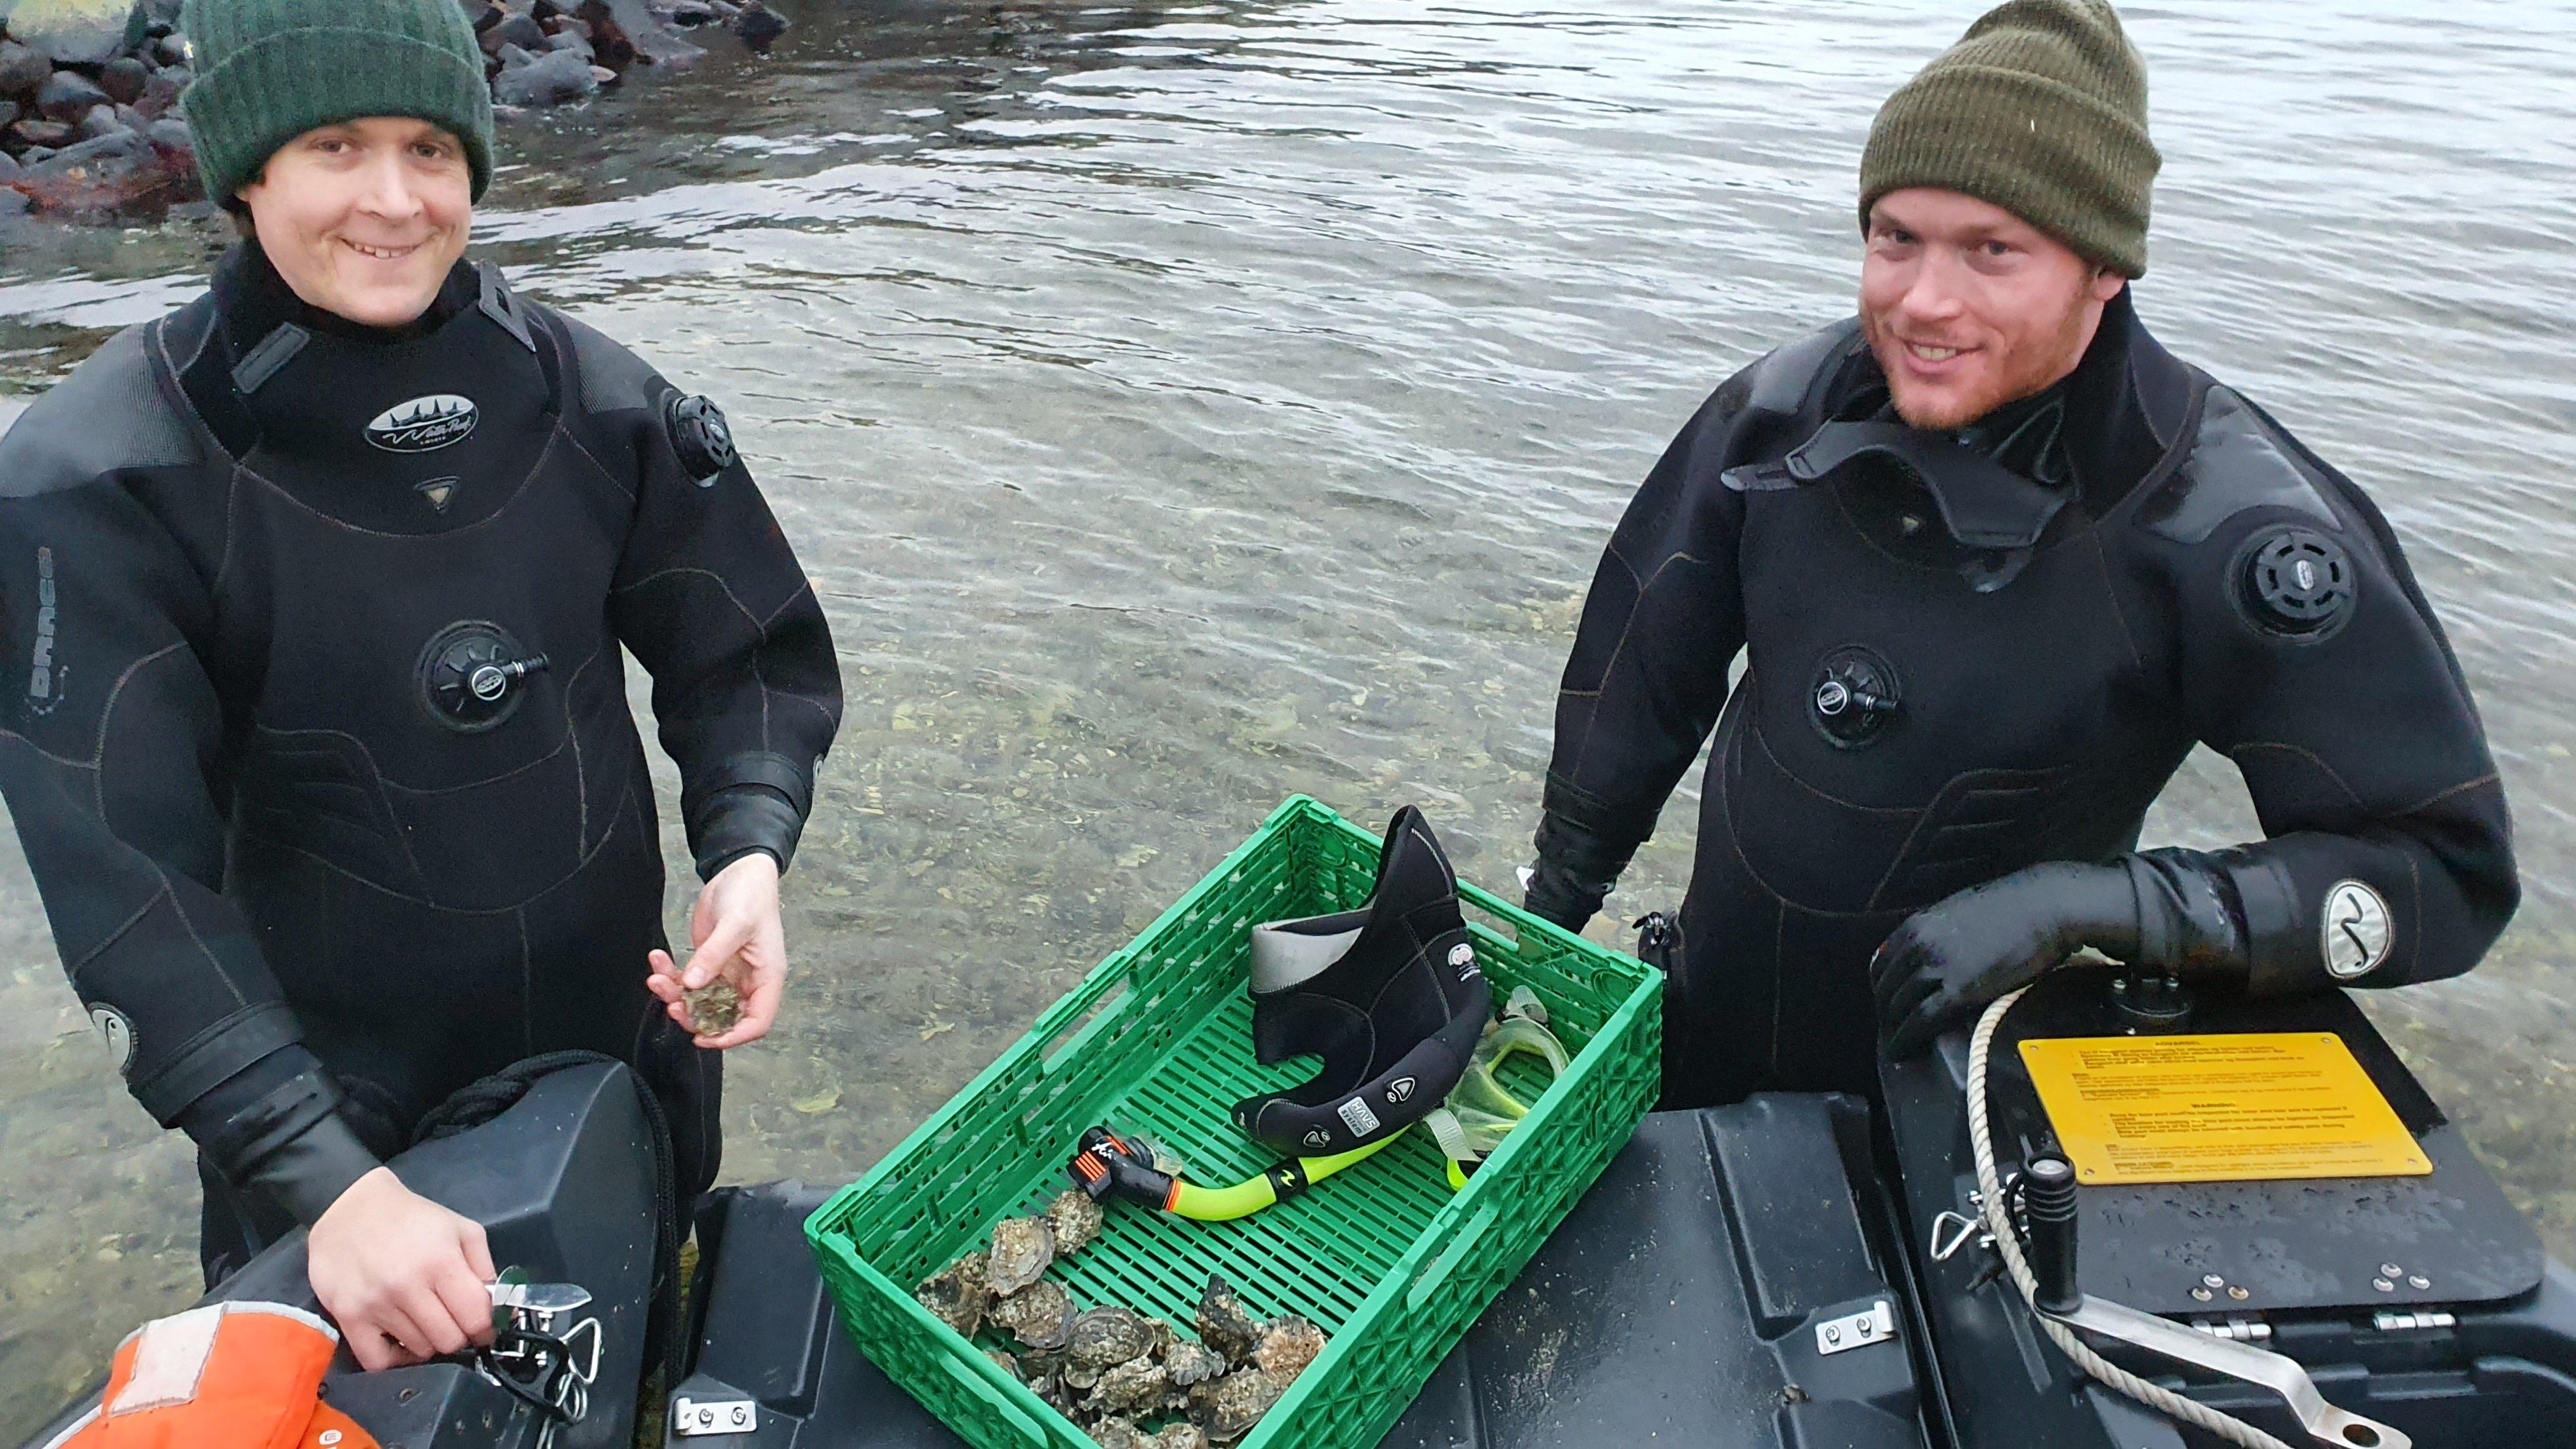 Henrik Adolfsen og Jørgen Adolfsen hos Storm Østers sanker østers med dykkerdrakt og snorkel.